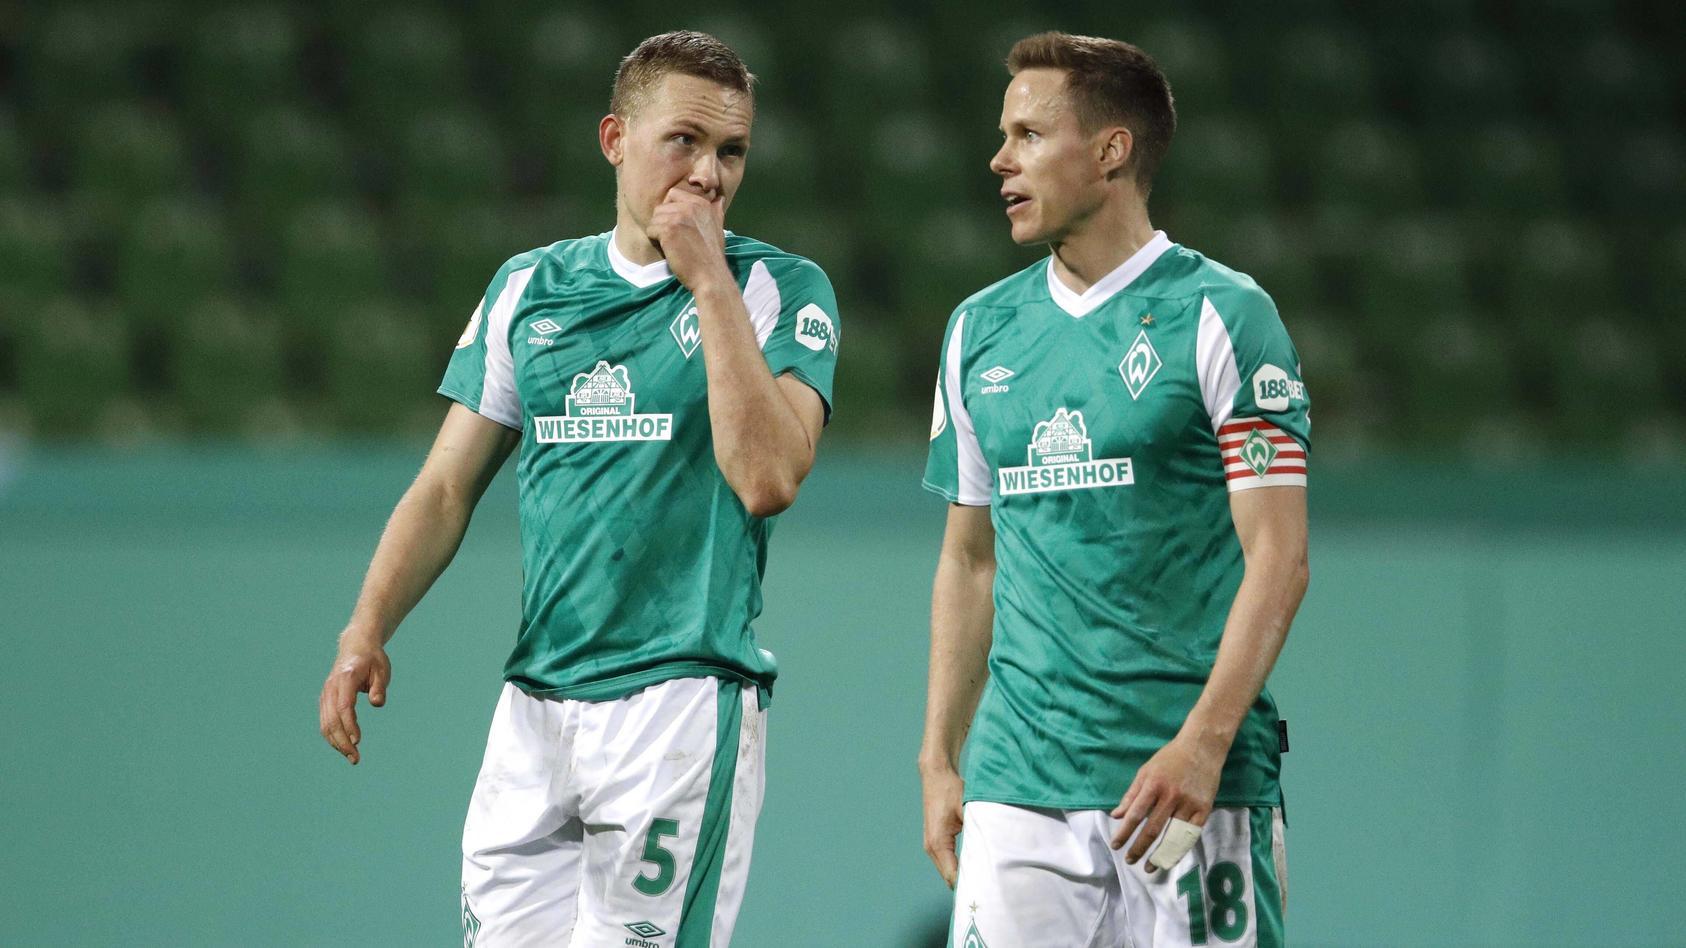 Sollen zuhause bleiben, um auf dem Platz stehen zu können: Die Fußballer von Werder Bremen.